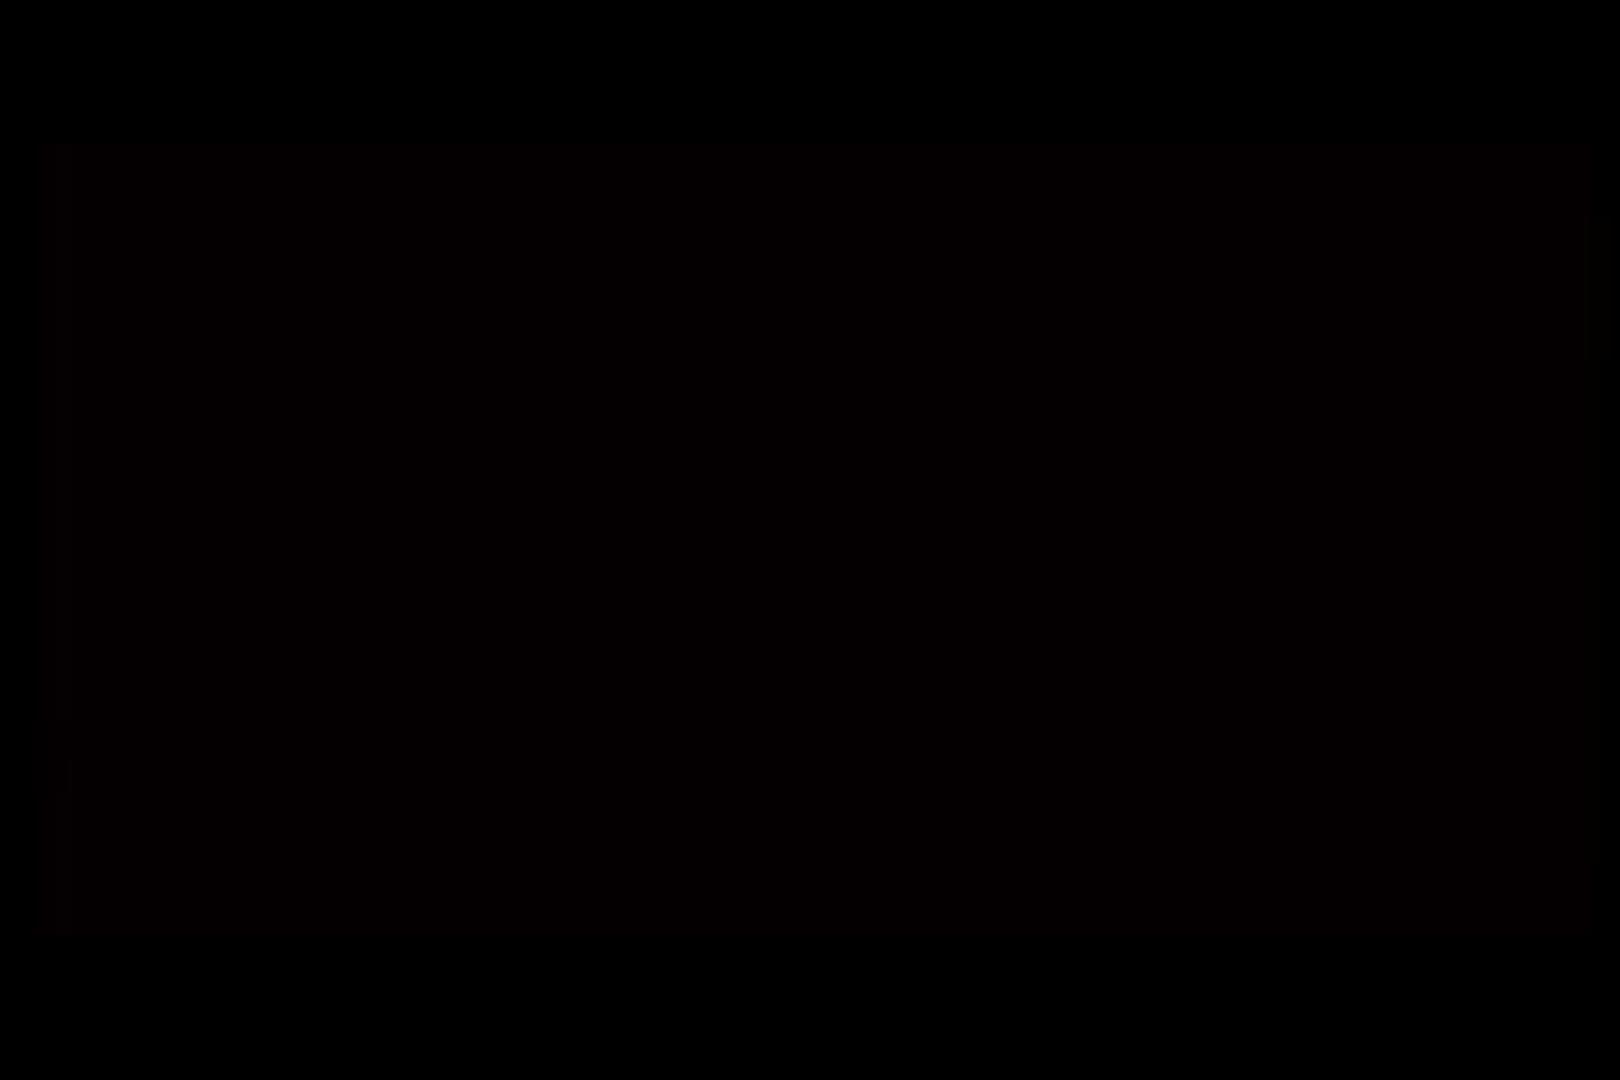 スジ筋ガチムチゴーグルマンvol2 チンコ | ディープキス 射精無修正動画 70pic 23